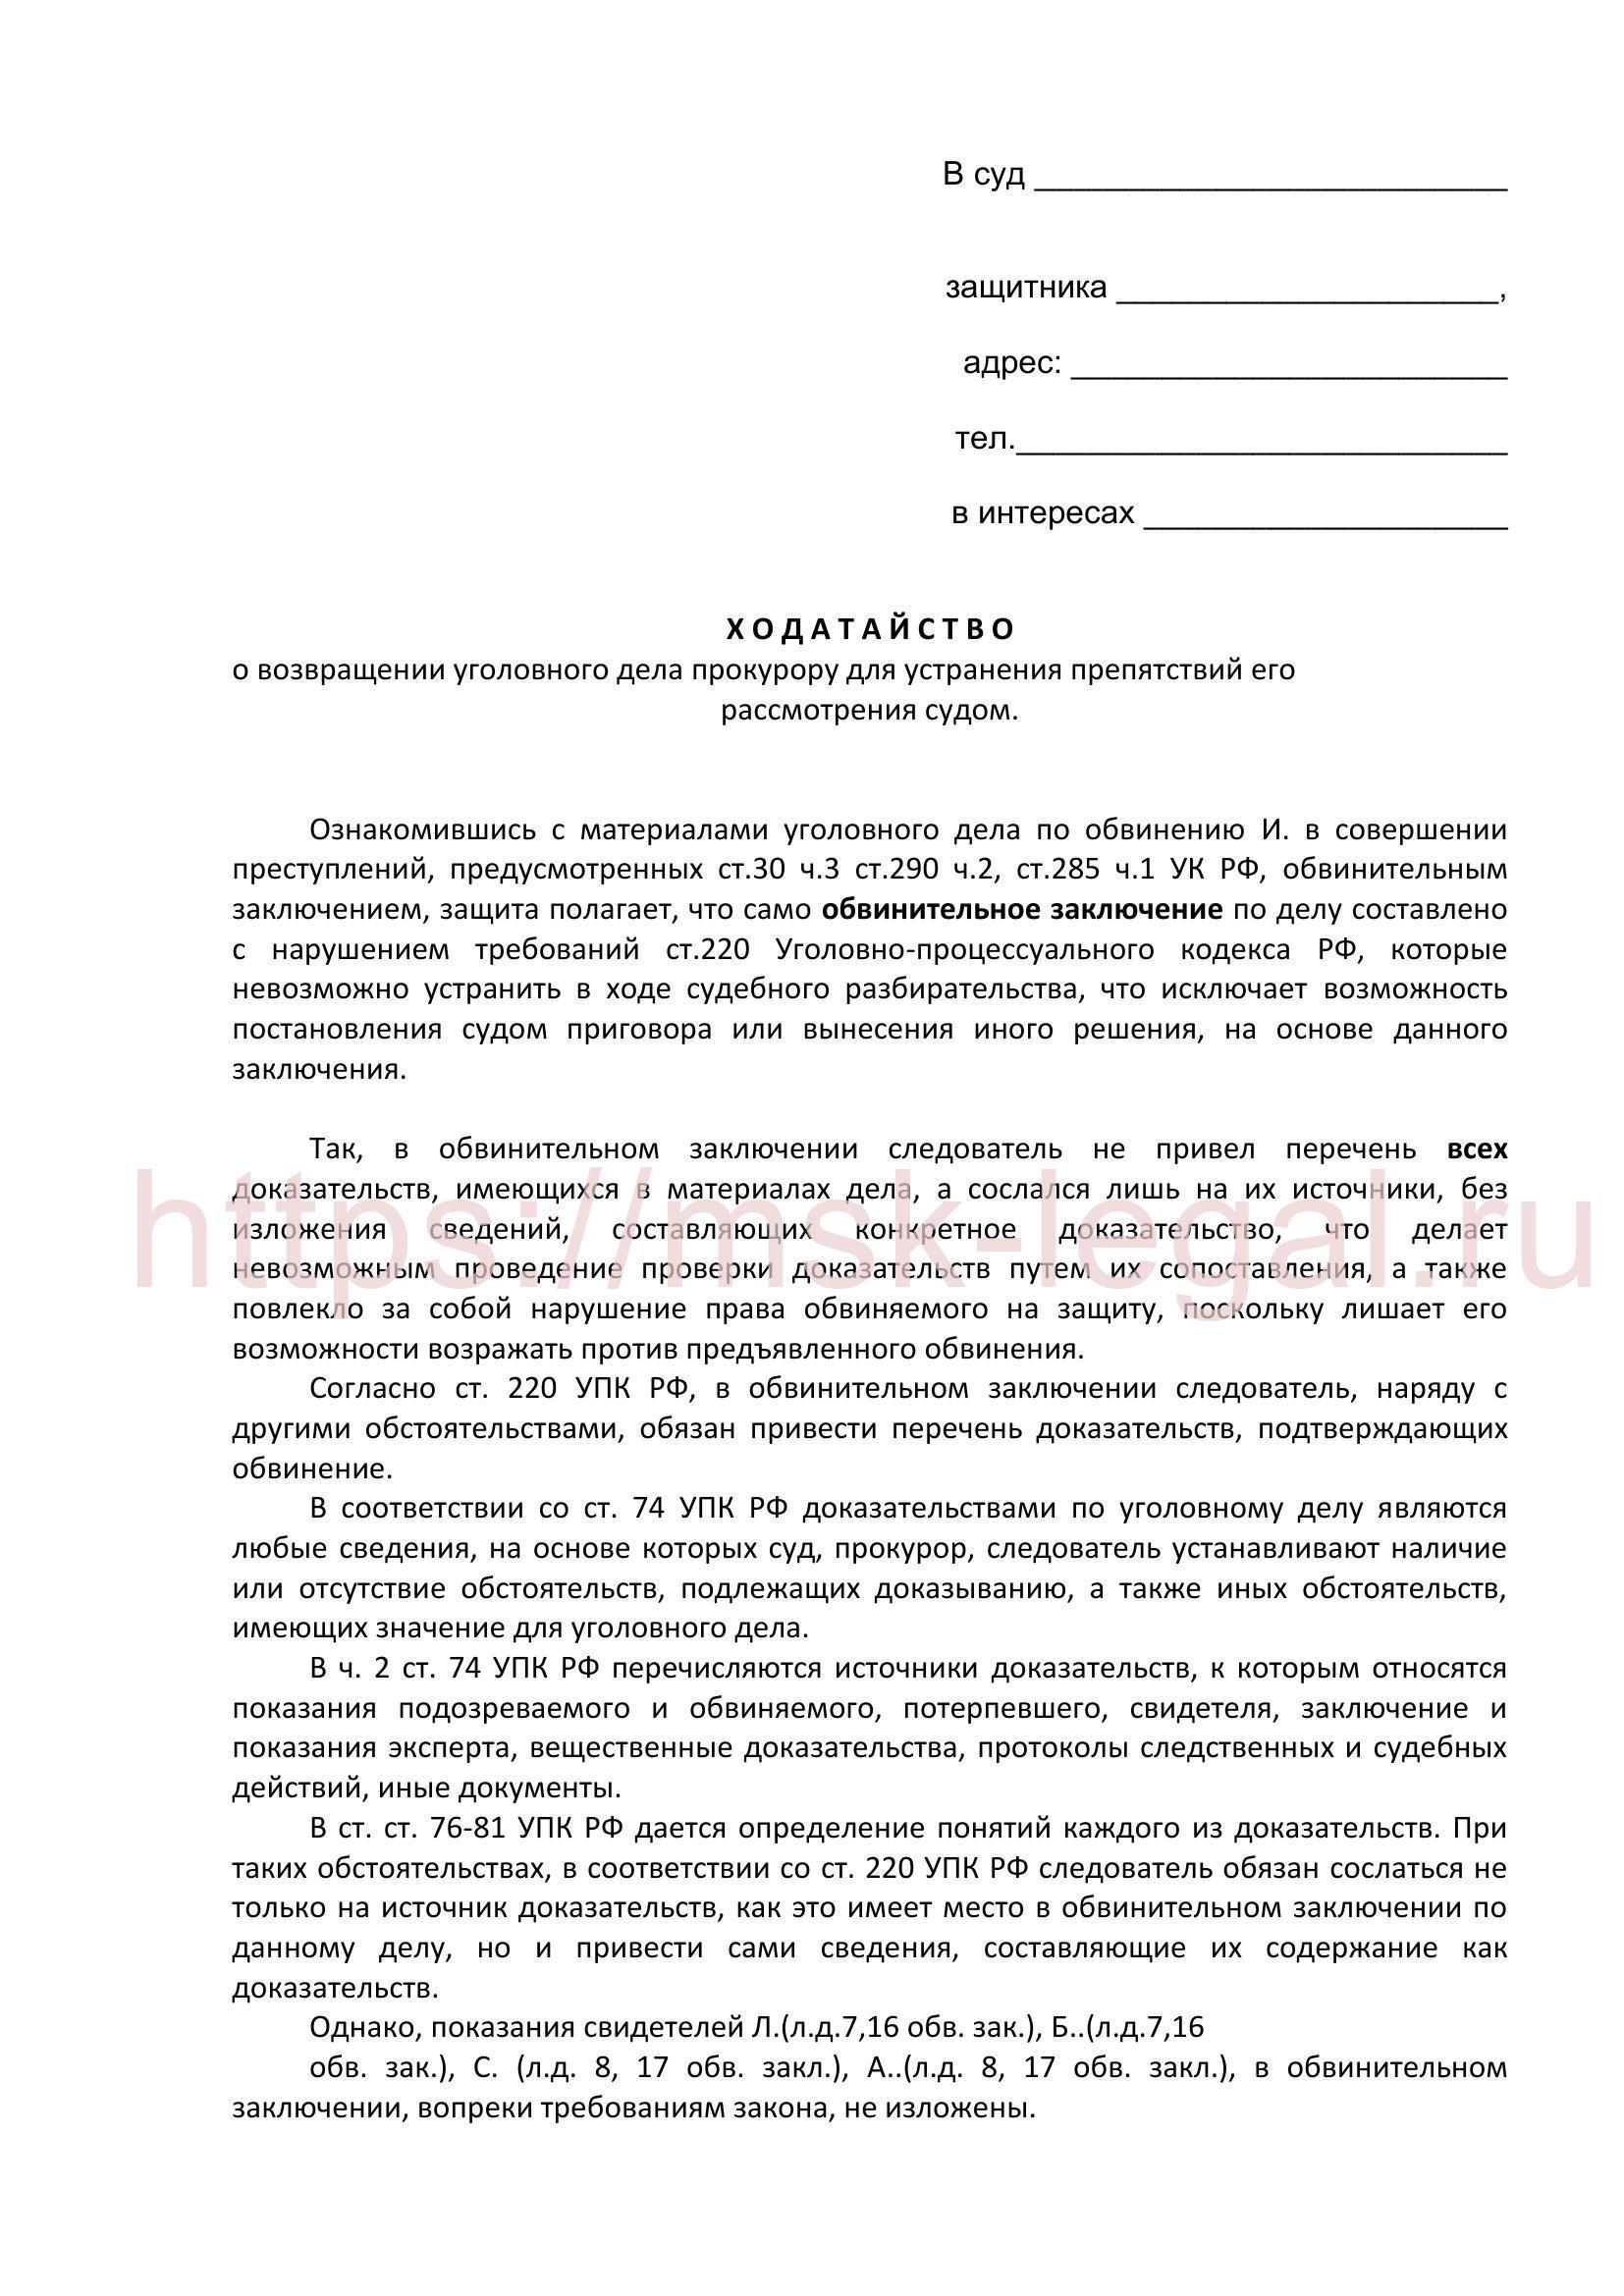 О возвращении дела прокурору в порядке ст. 237 УПК РФ